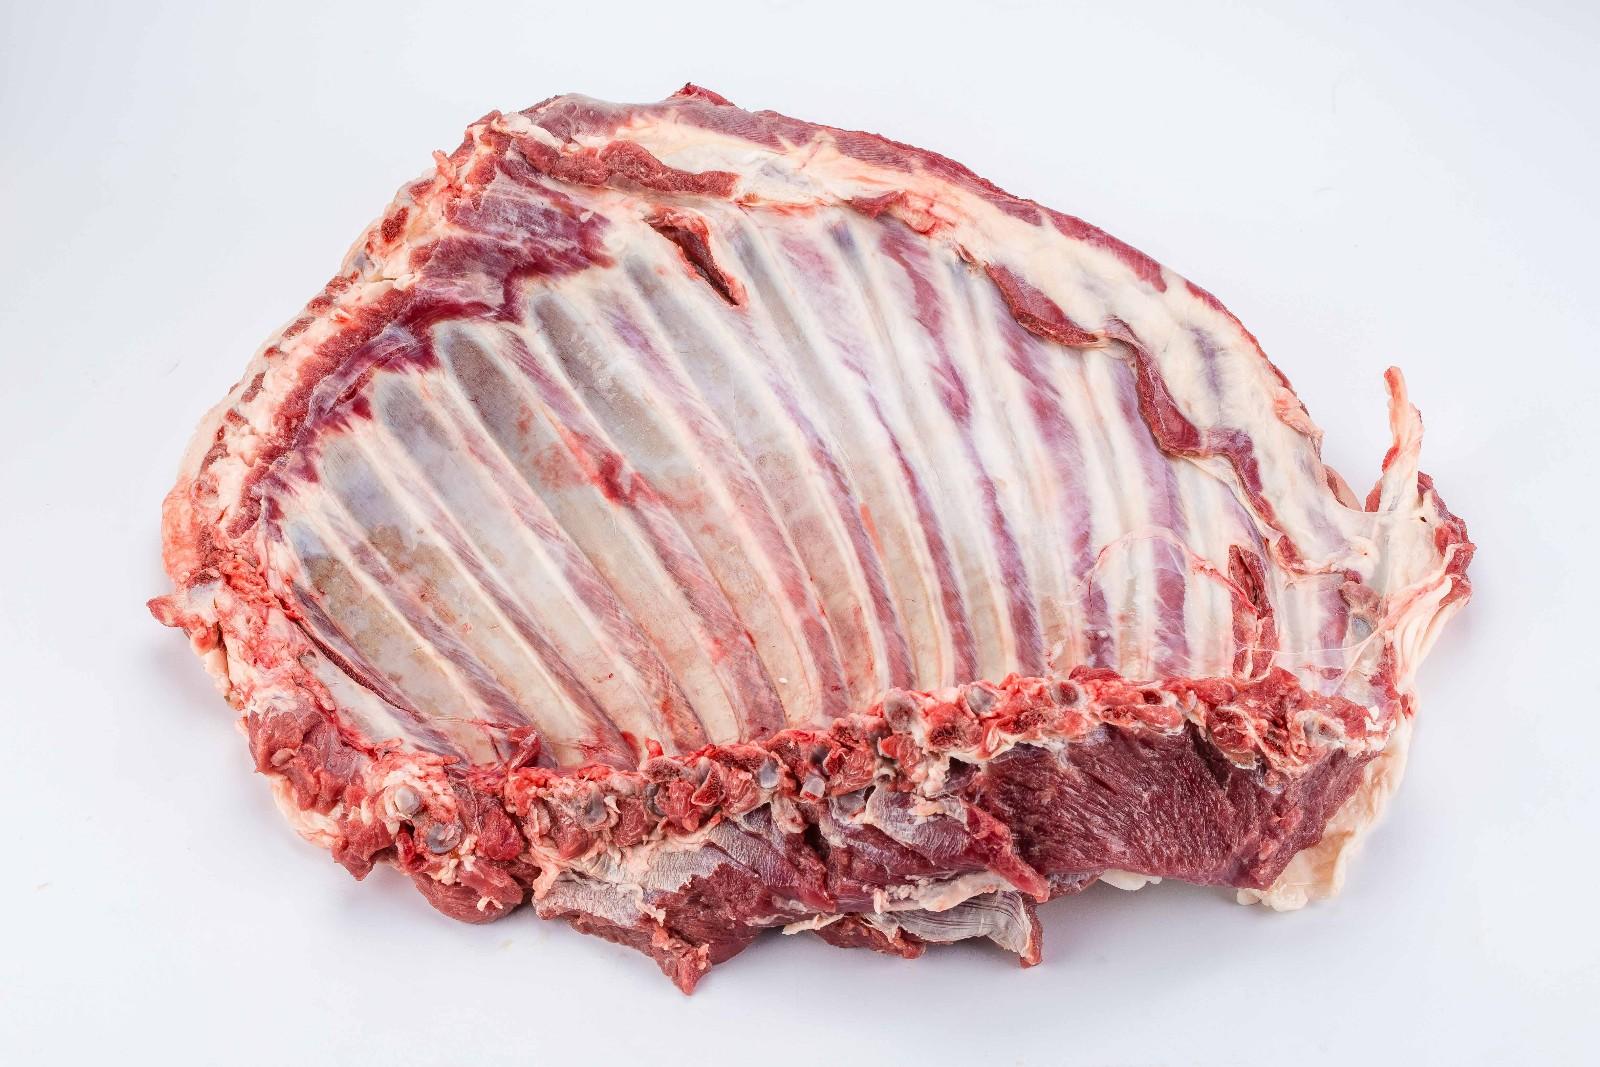 羊排|生鮮羊肉-呼倫貝爾欣綠洲民族食品有限公司